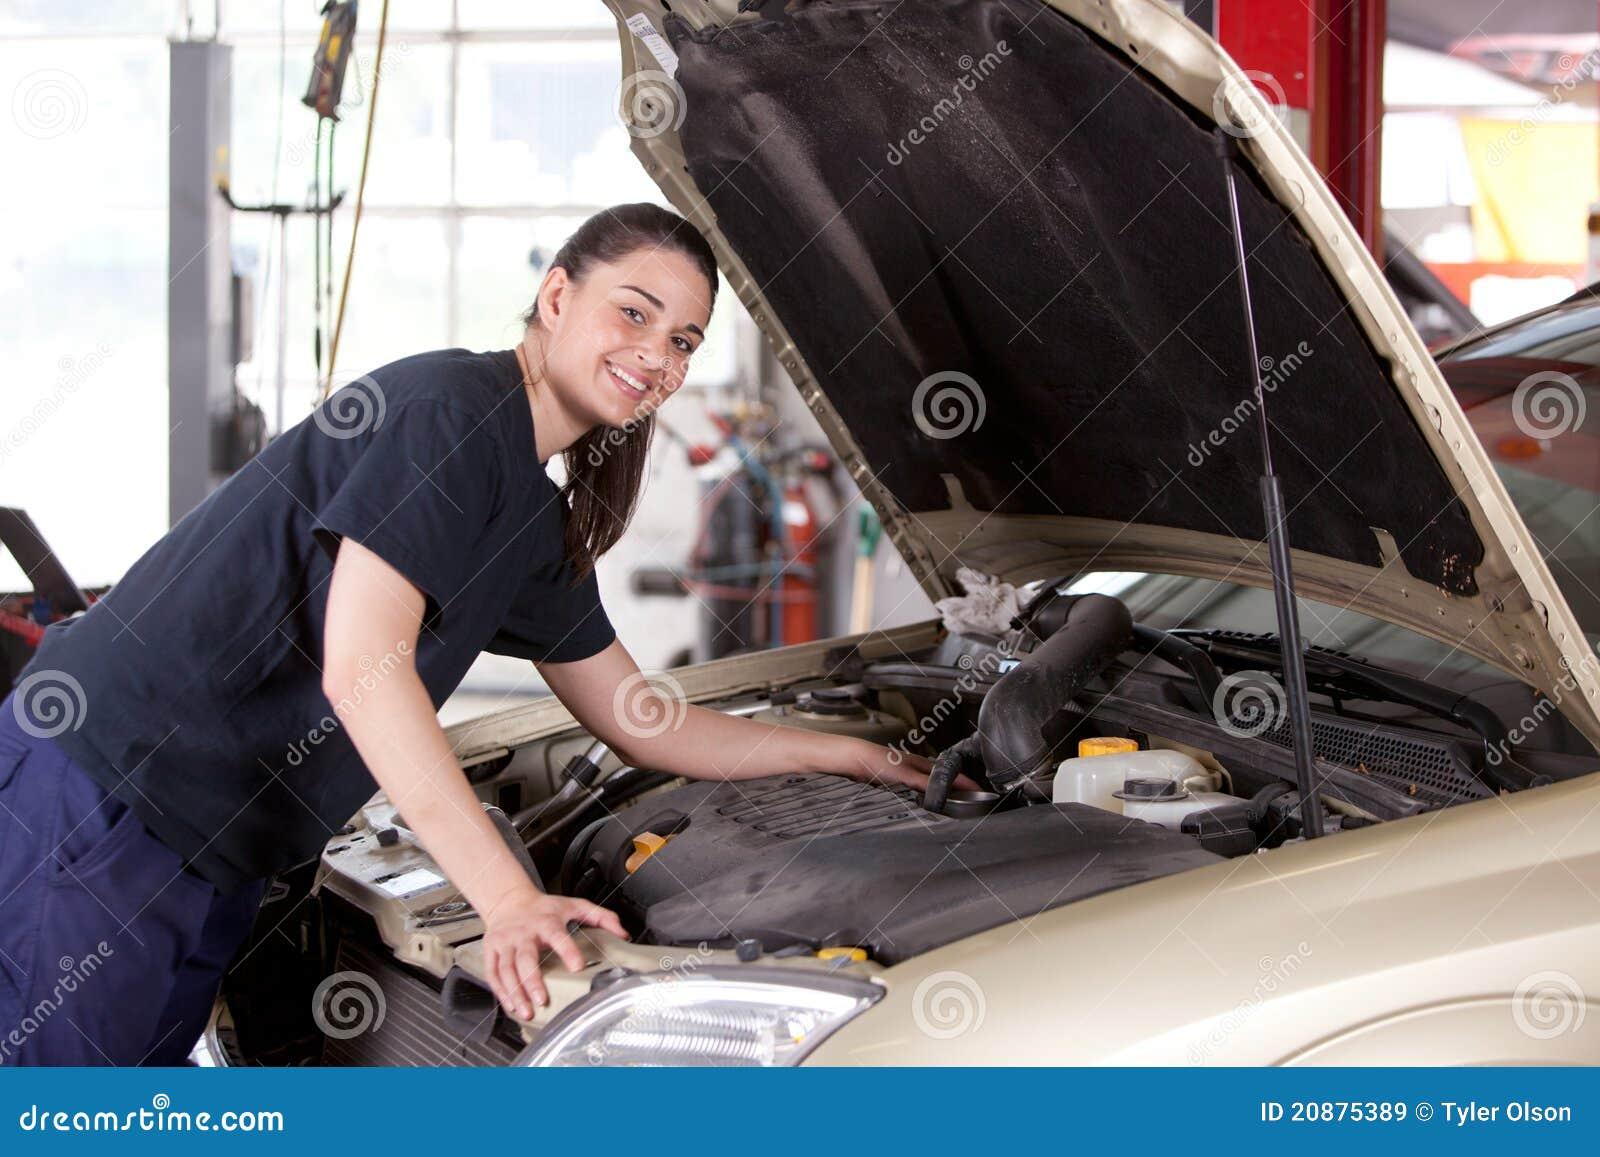 Car Credit Repair Man